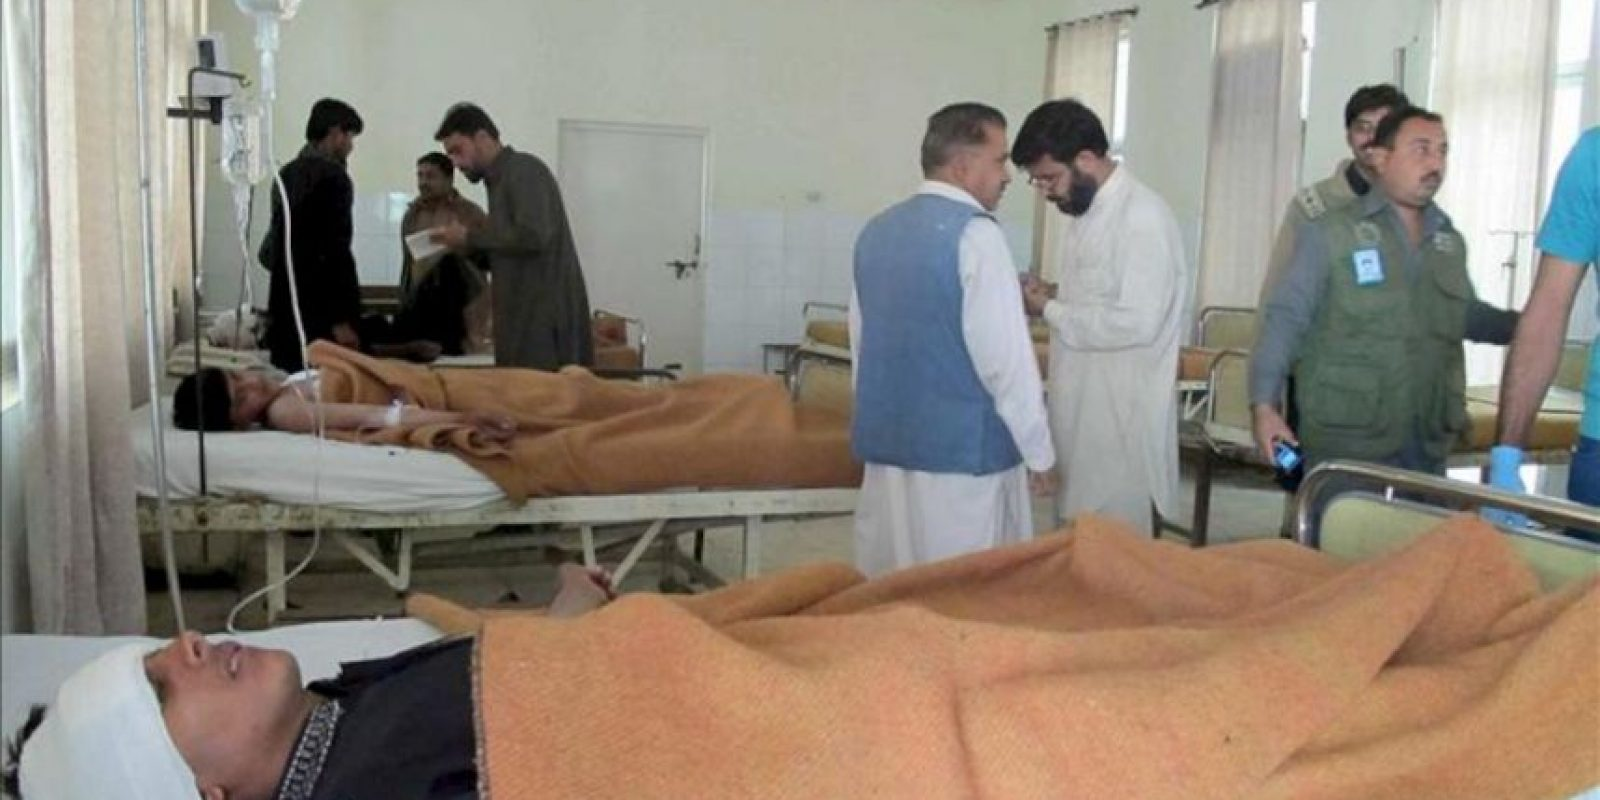 Personas heridas se recuperan en el hospital local Dera Ismail khan, tras la explosión registrada en el transcurso de una procesión chií en el oeste de Pakistán, según informó a Efe una fuente policial. EFE